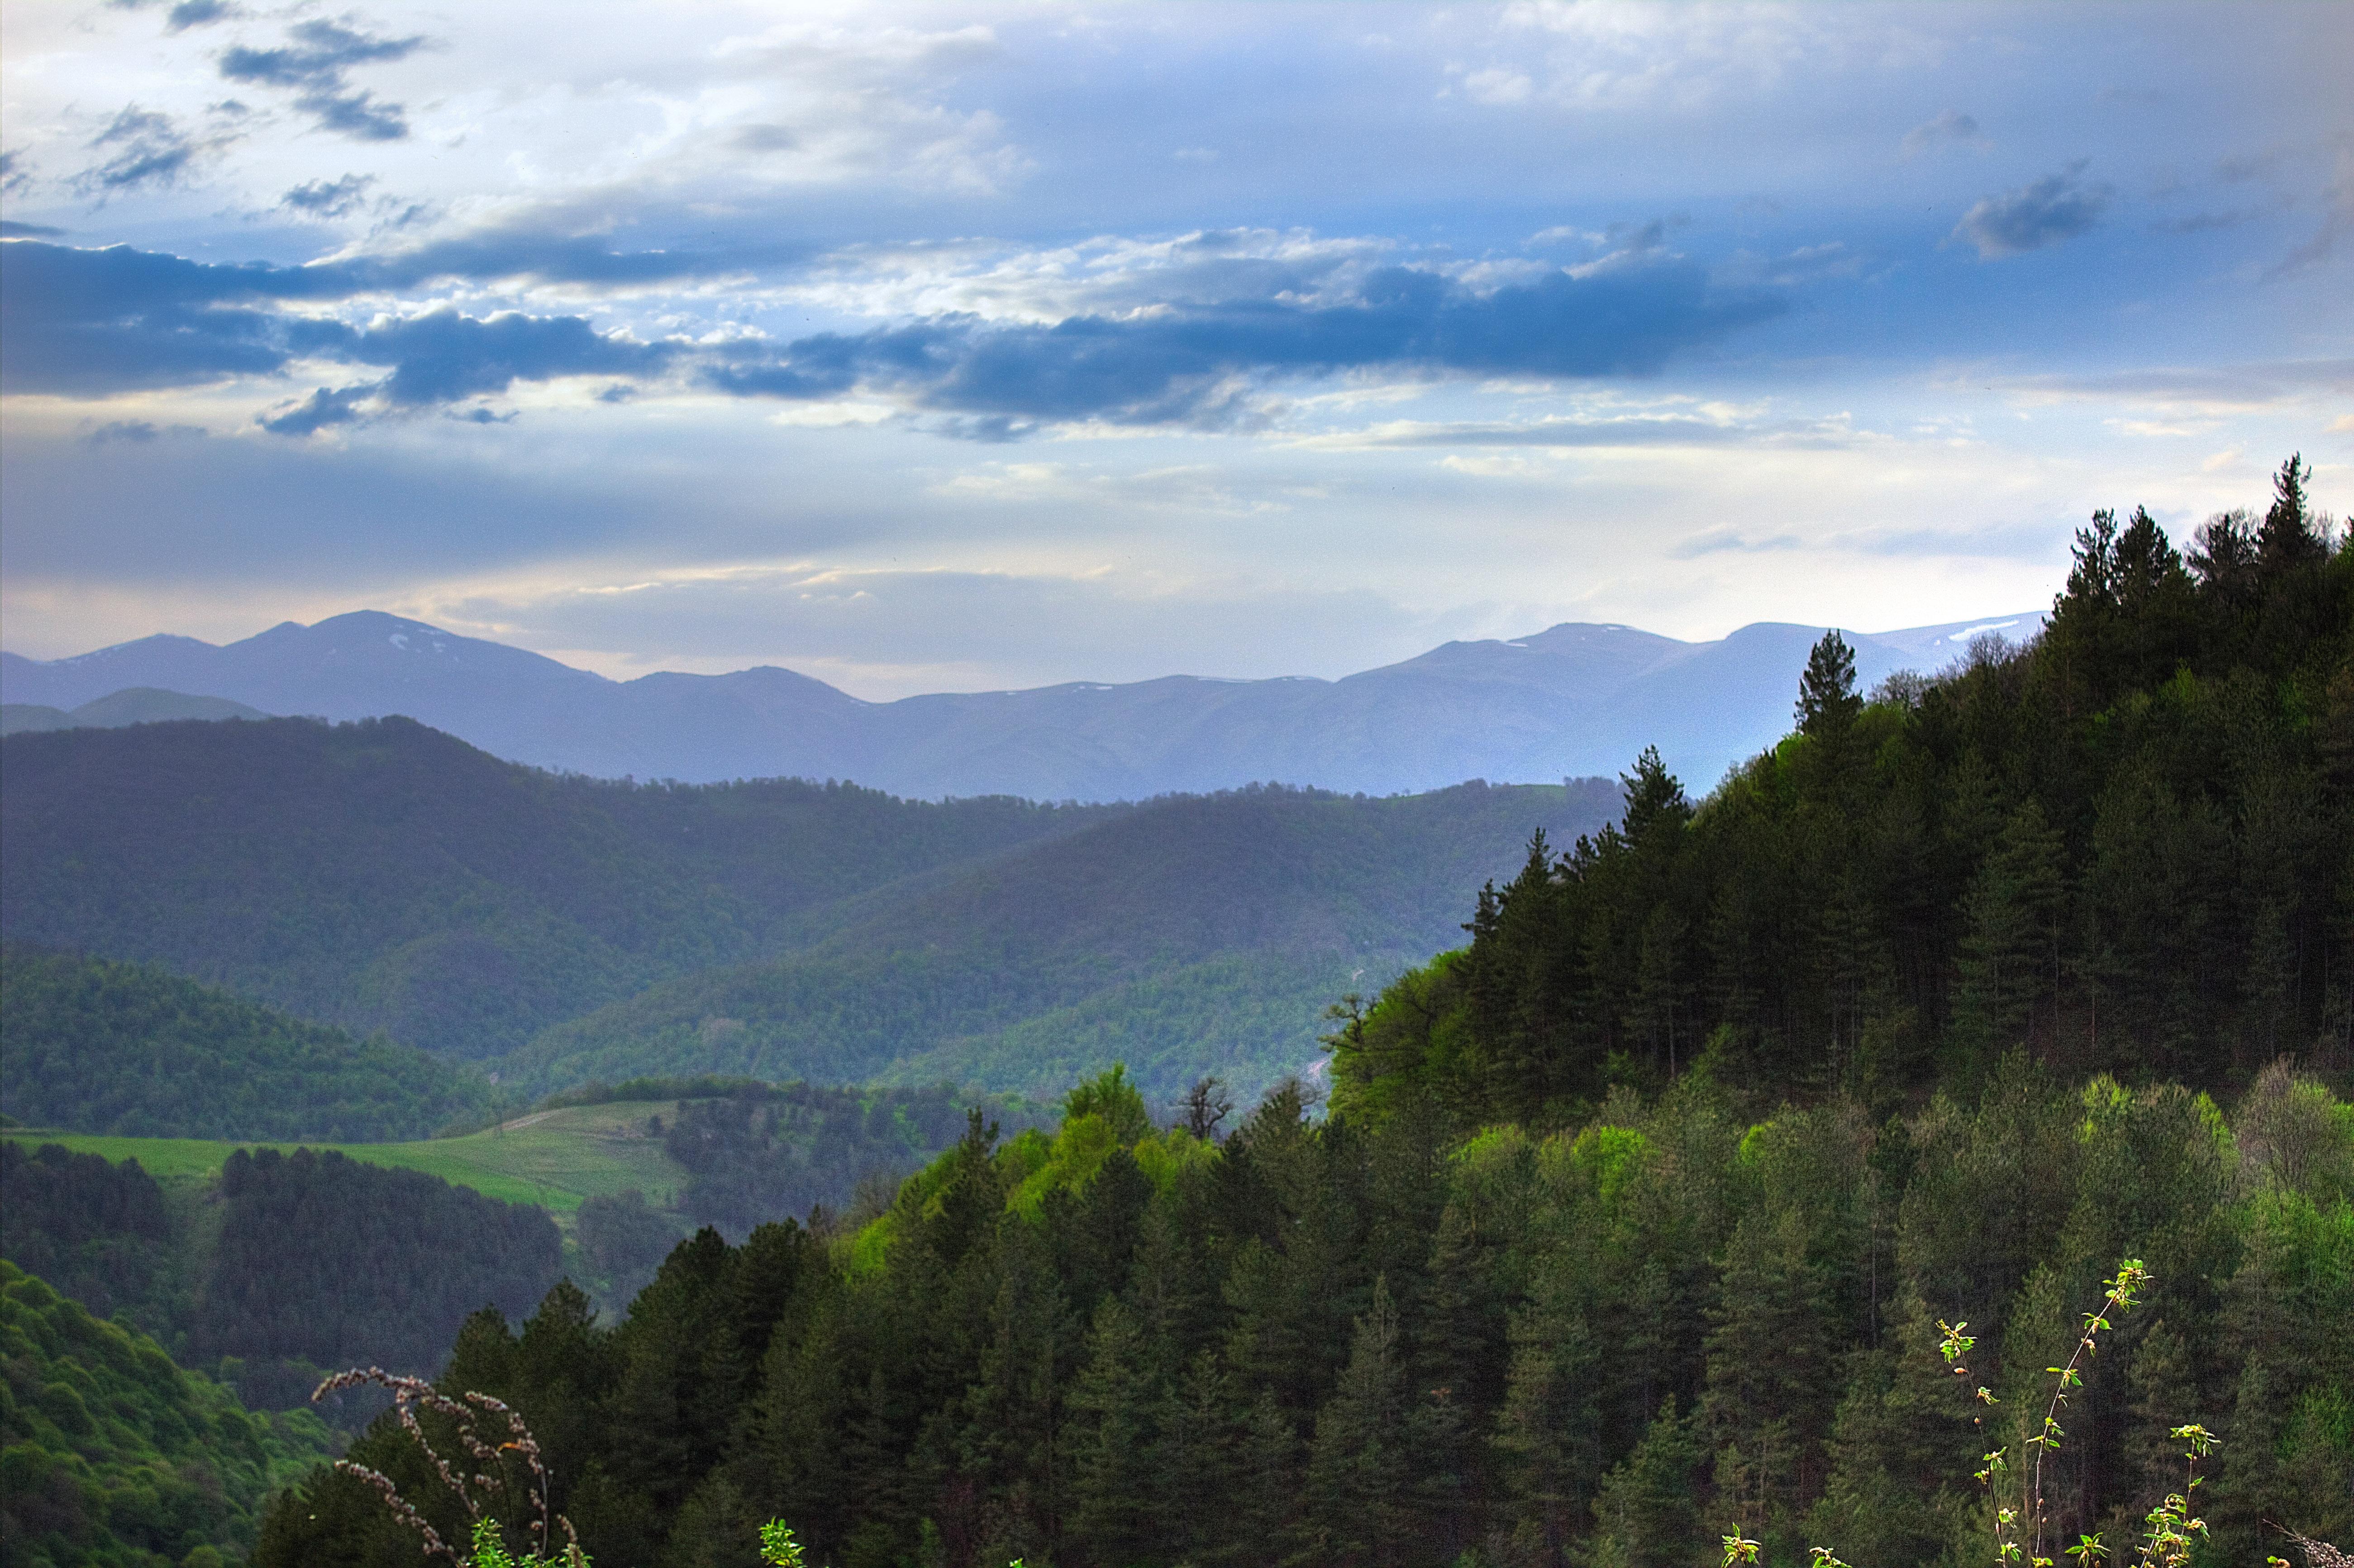 montagnes paysage randonnee armenie